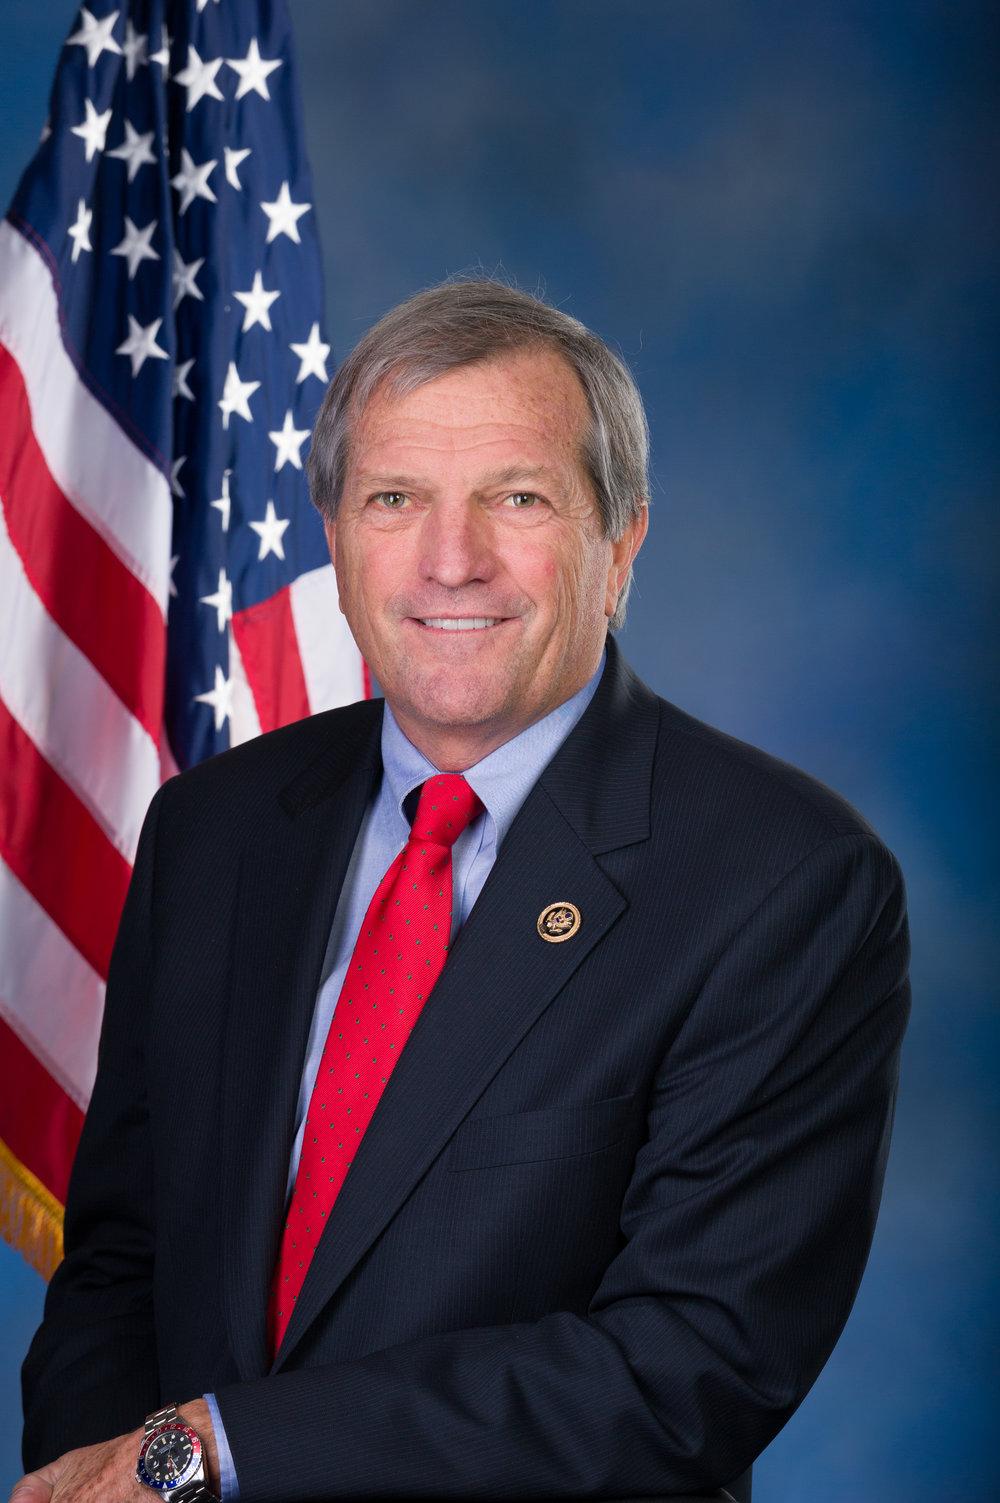 Rep. Mark DeSaulnier (D-CA)